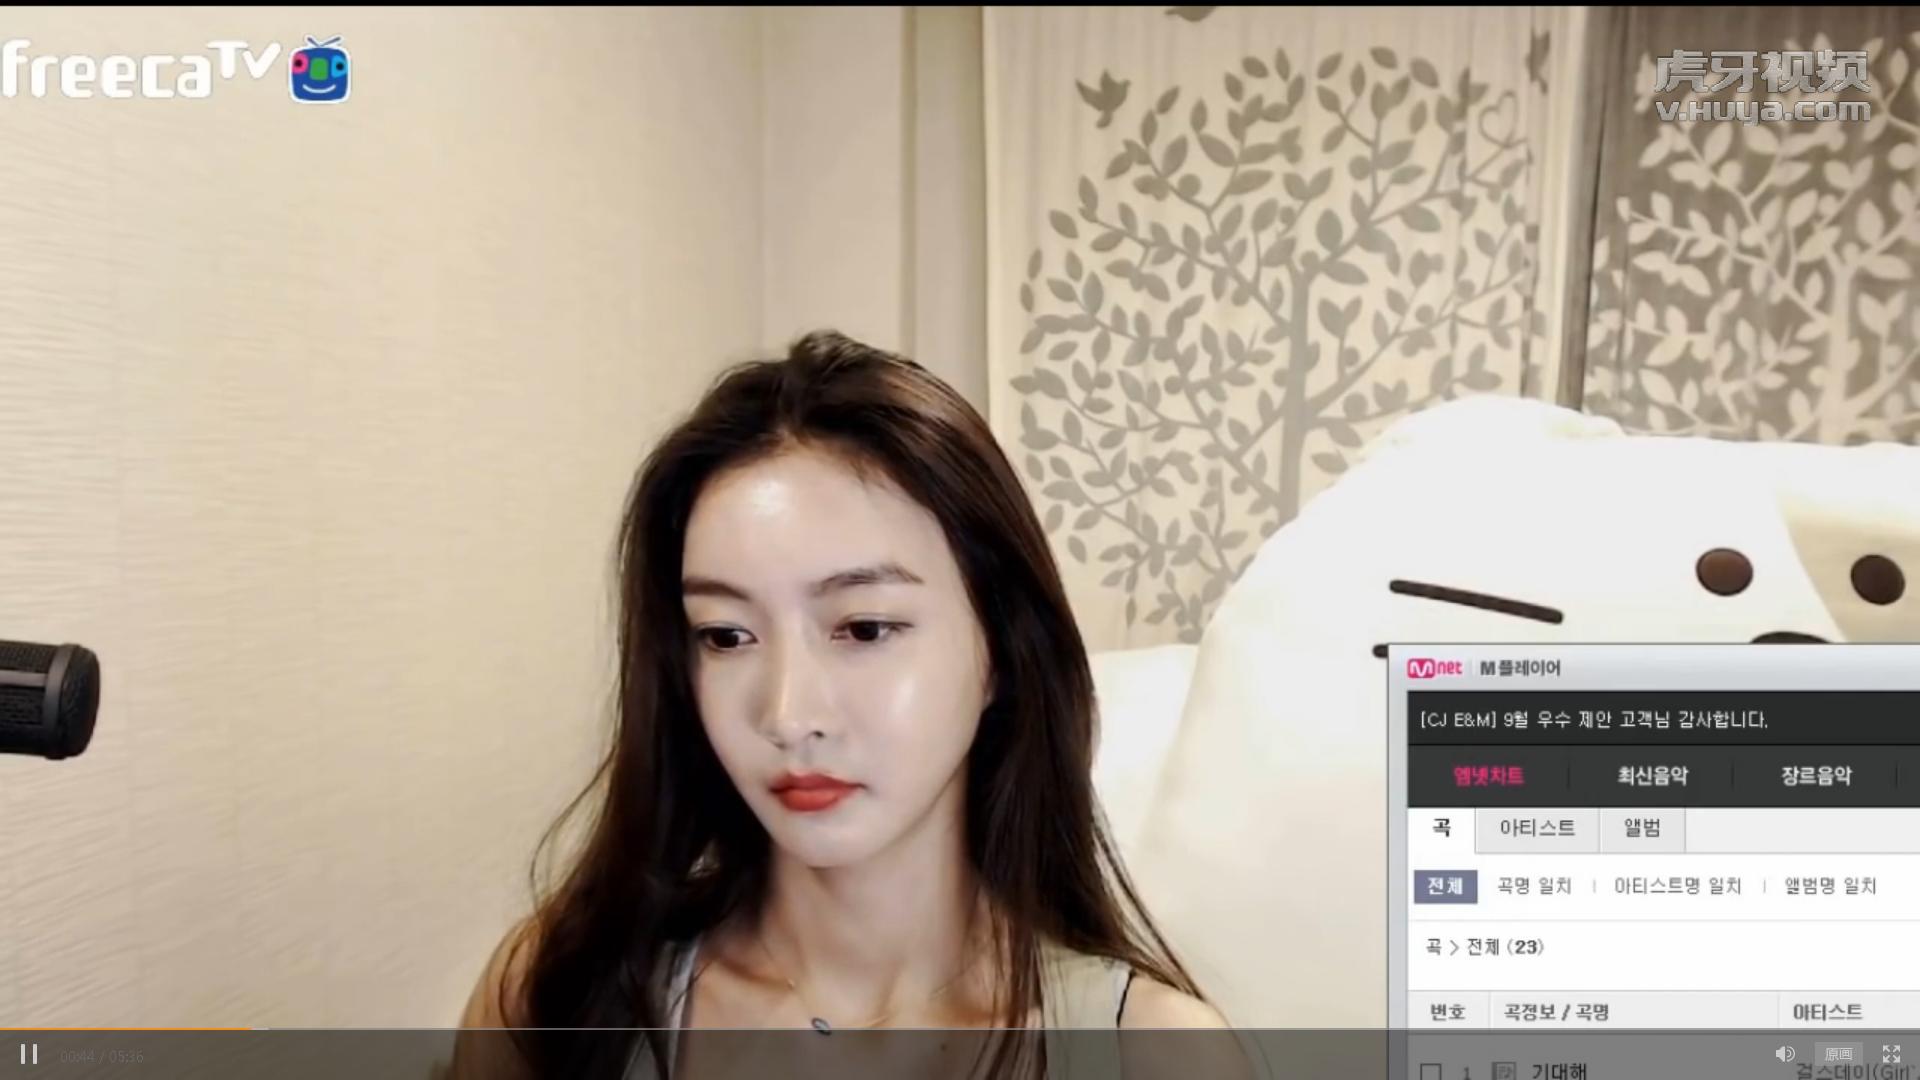 韩国主播光珠_这个韩国女主播是谁